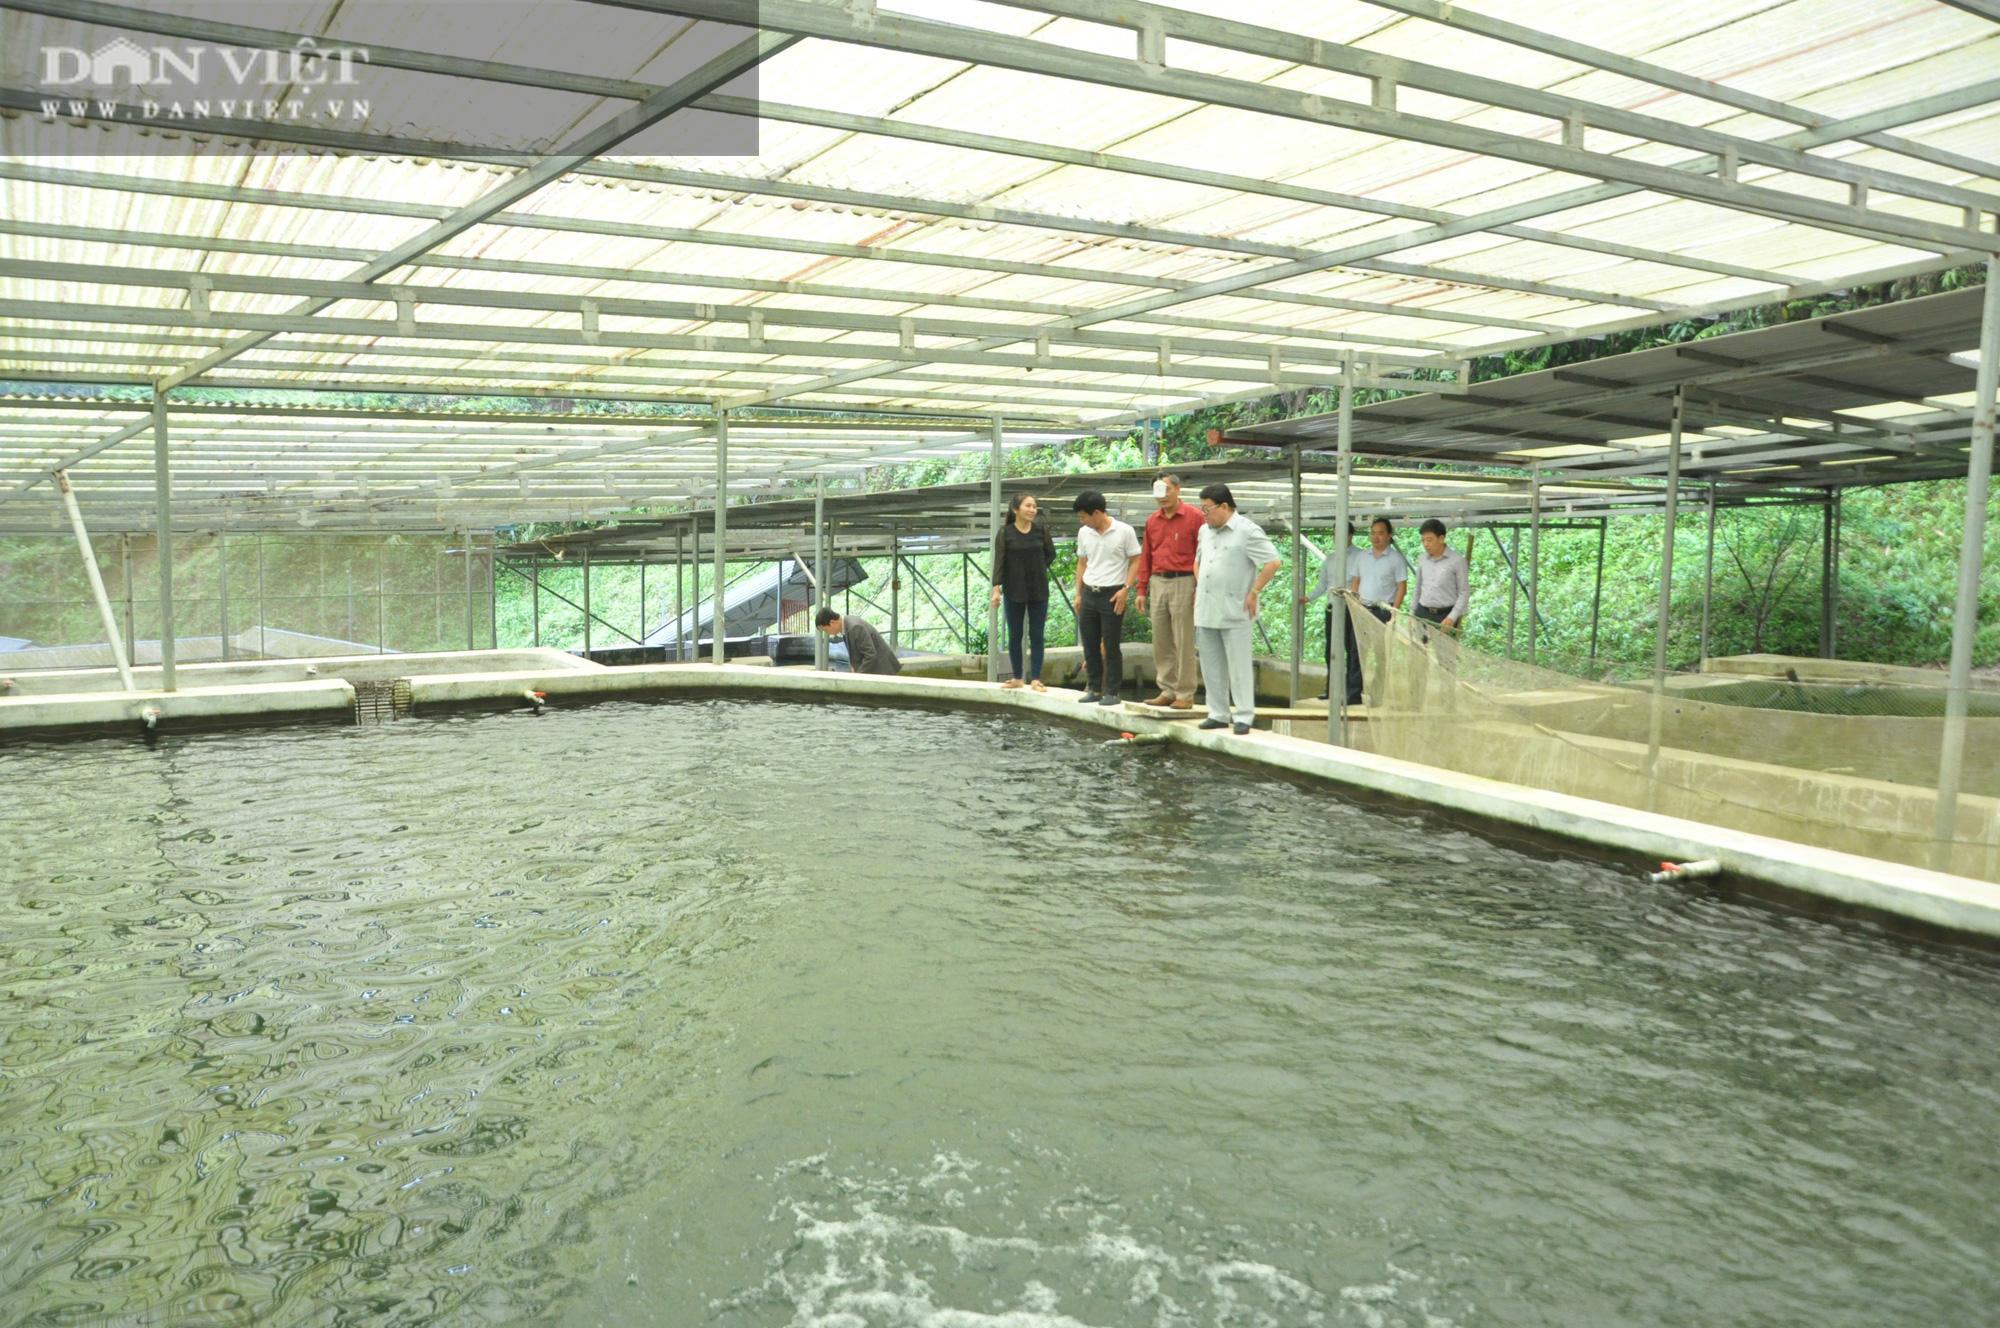 Đại trang trại cá đặc sản trên Cổng Trời mới được Chủ tịch Hội Nông dân Việt Nam có gì đặc biệt? - Ảnh 1.